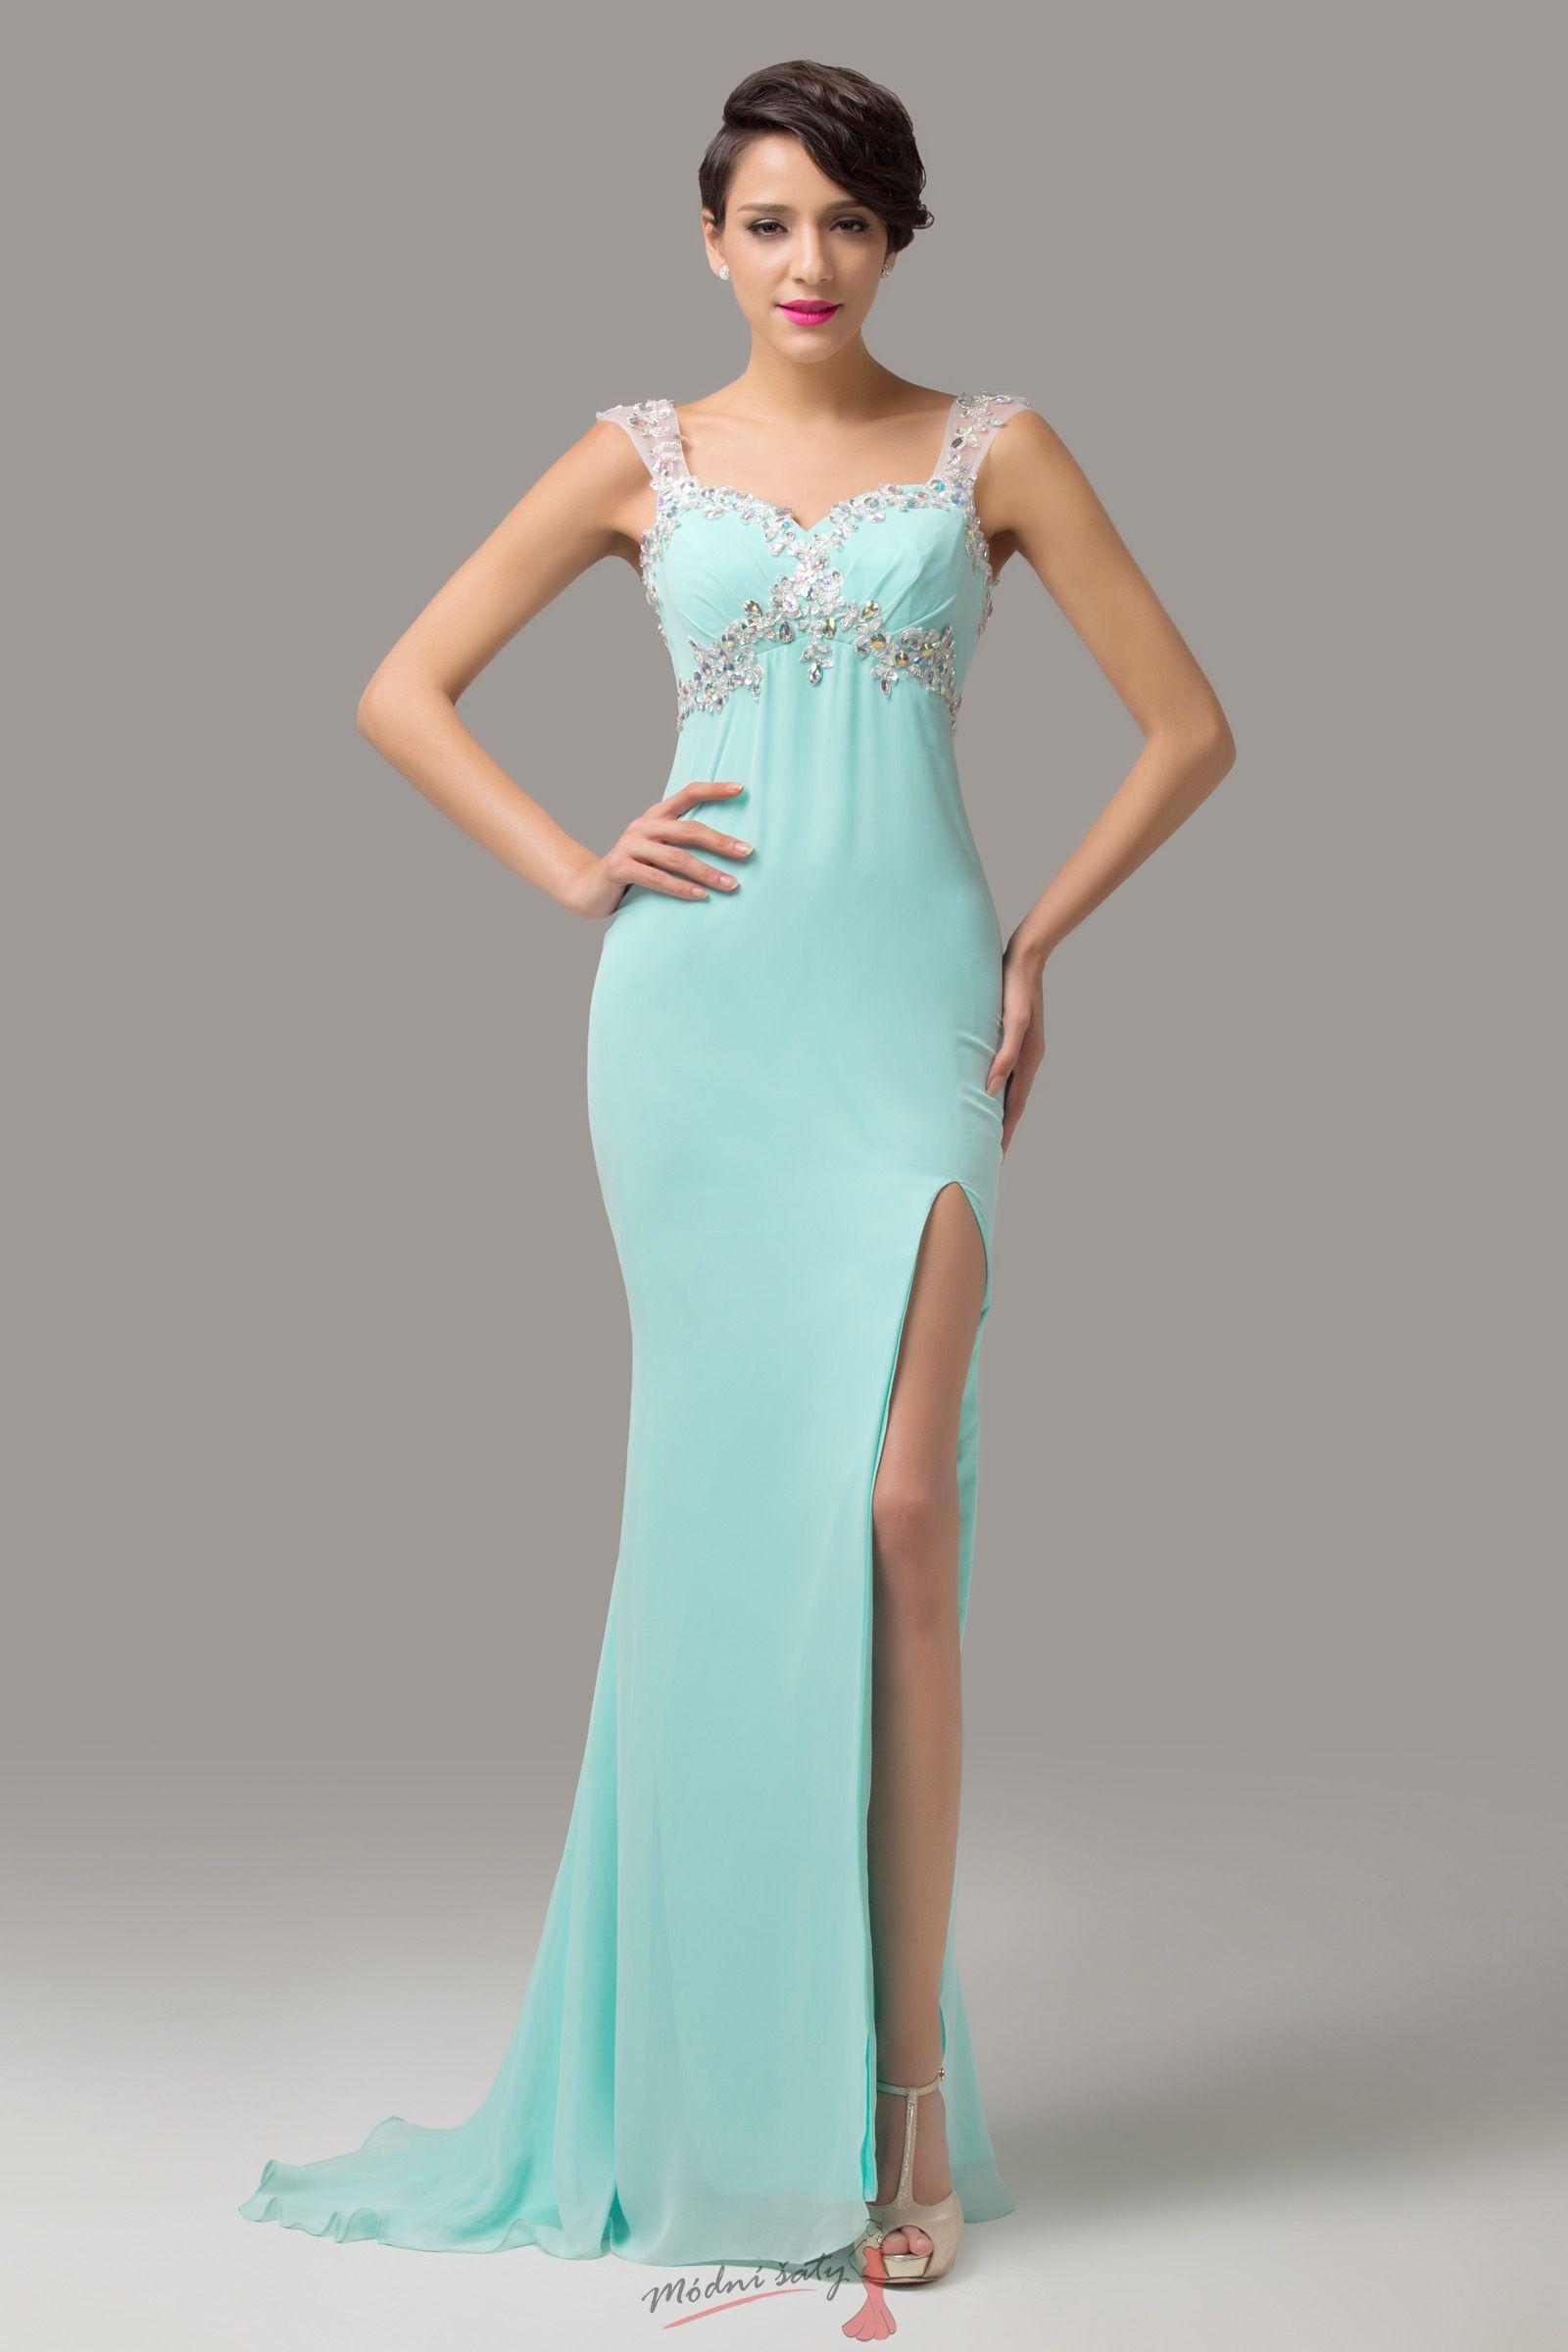 Pastelové plesové šaty s rozparkem - více barev 720fc92a44